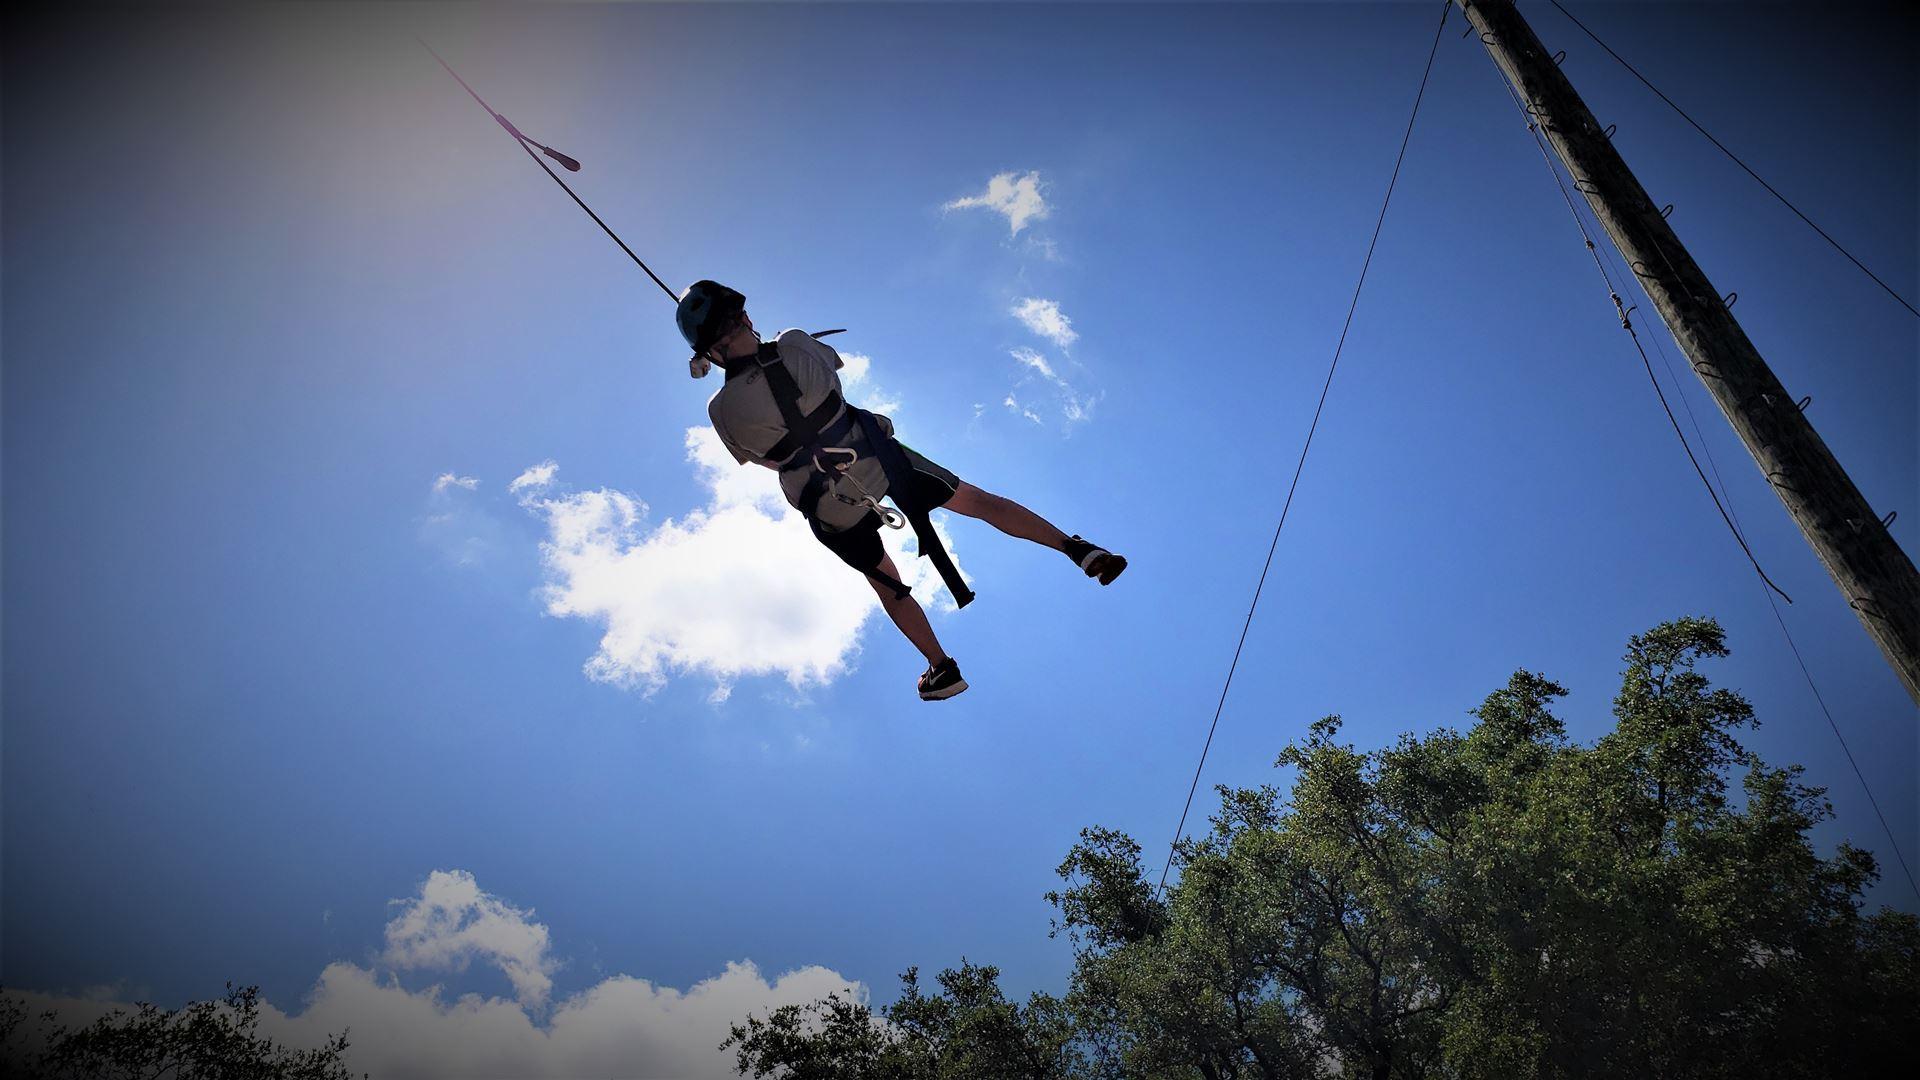 A Jr swings across wispy clouds in a blue sky above the trees.